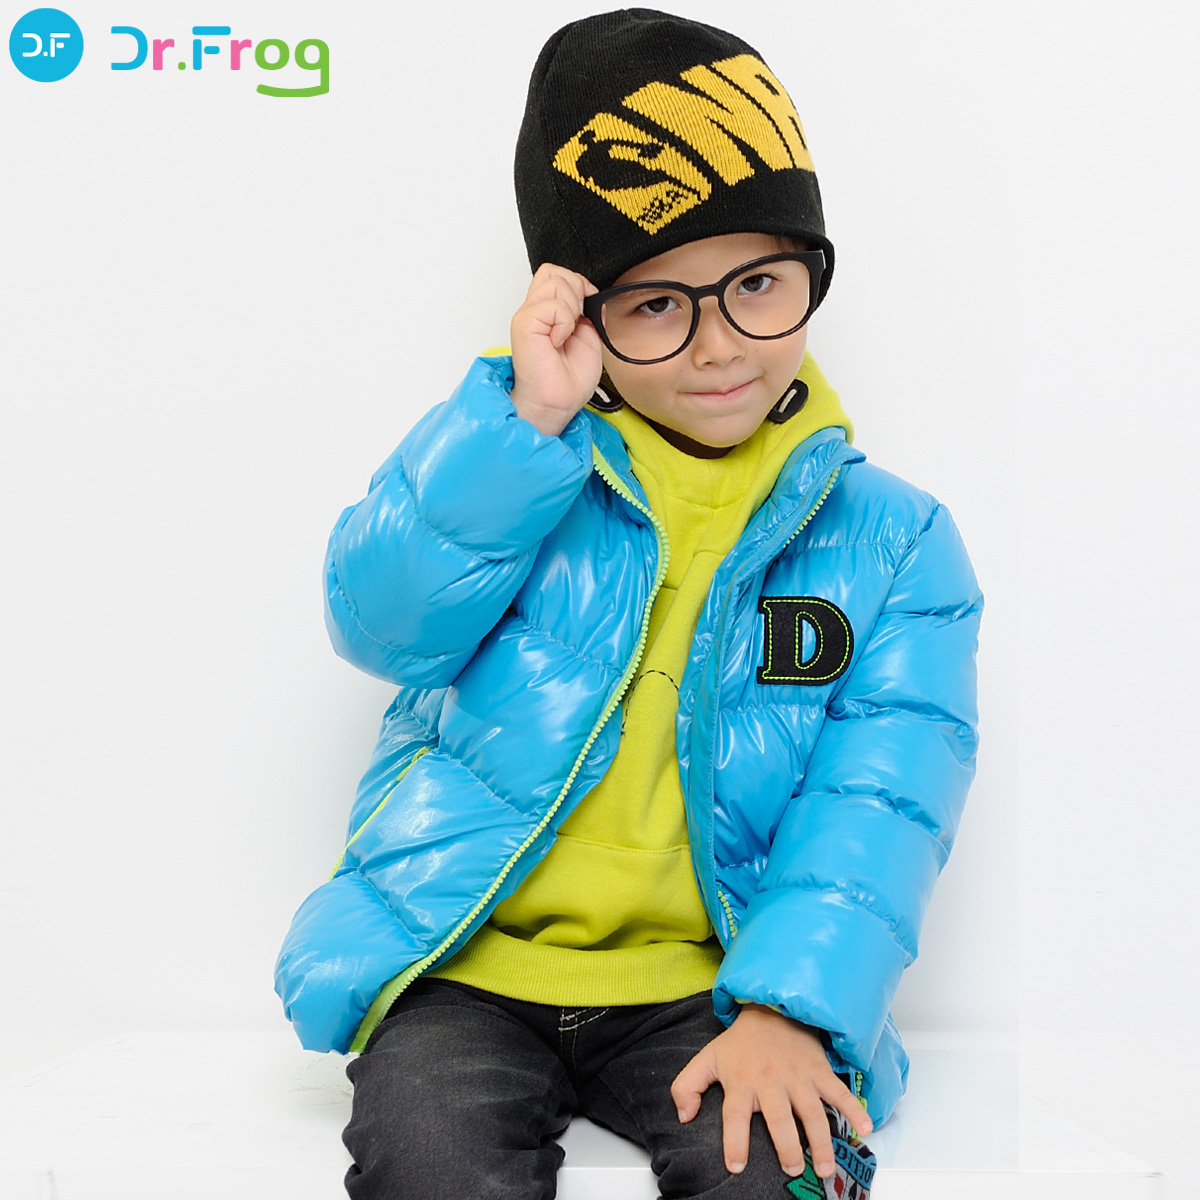 博士蛙【Dr.Frog】小男童冬装2012新款正品 时尚棉服棉衣外套DPA664151